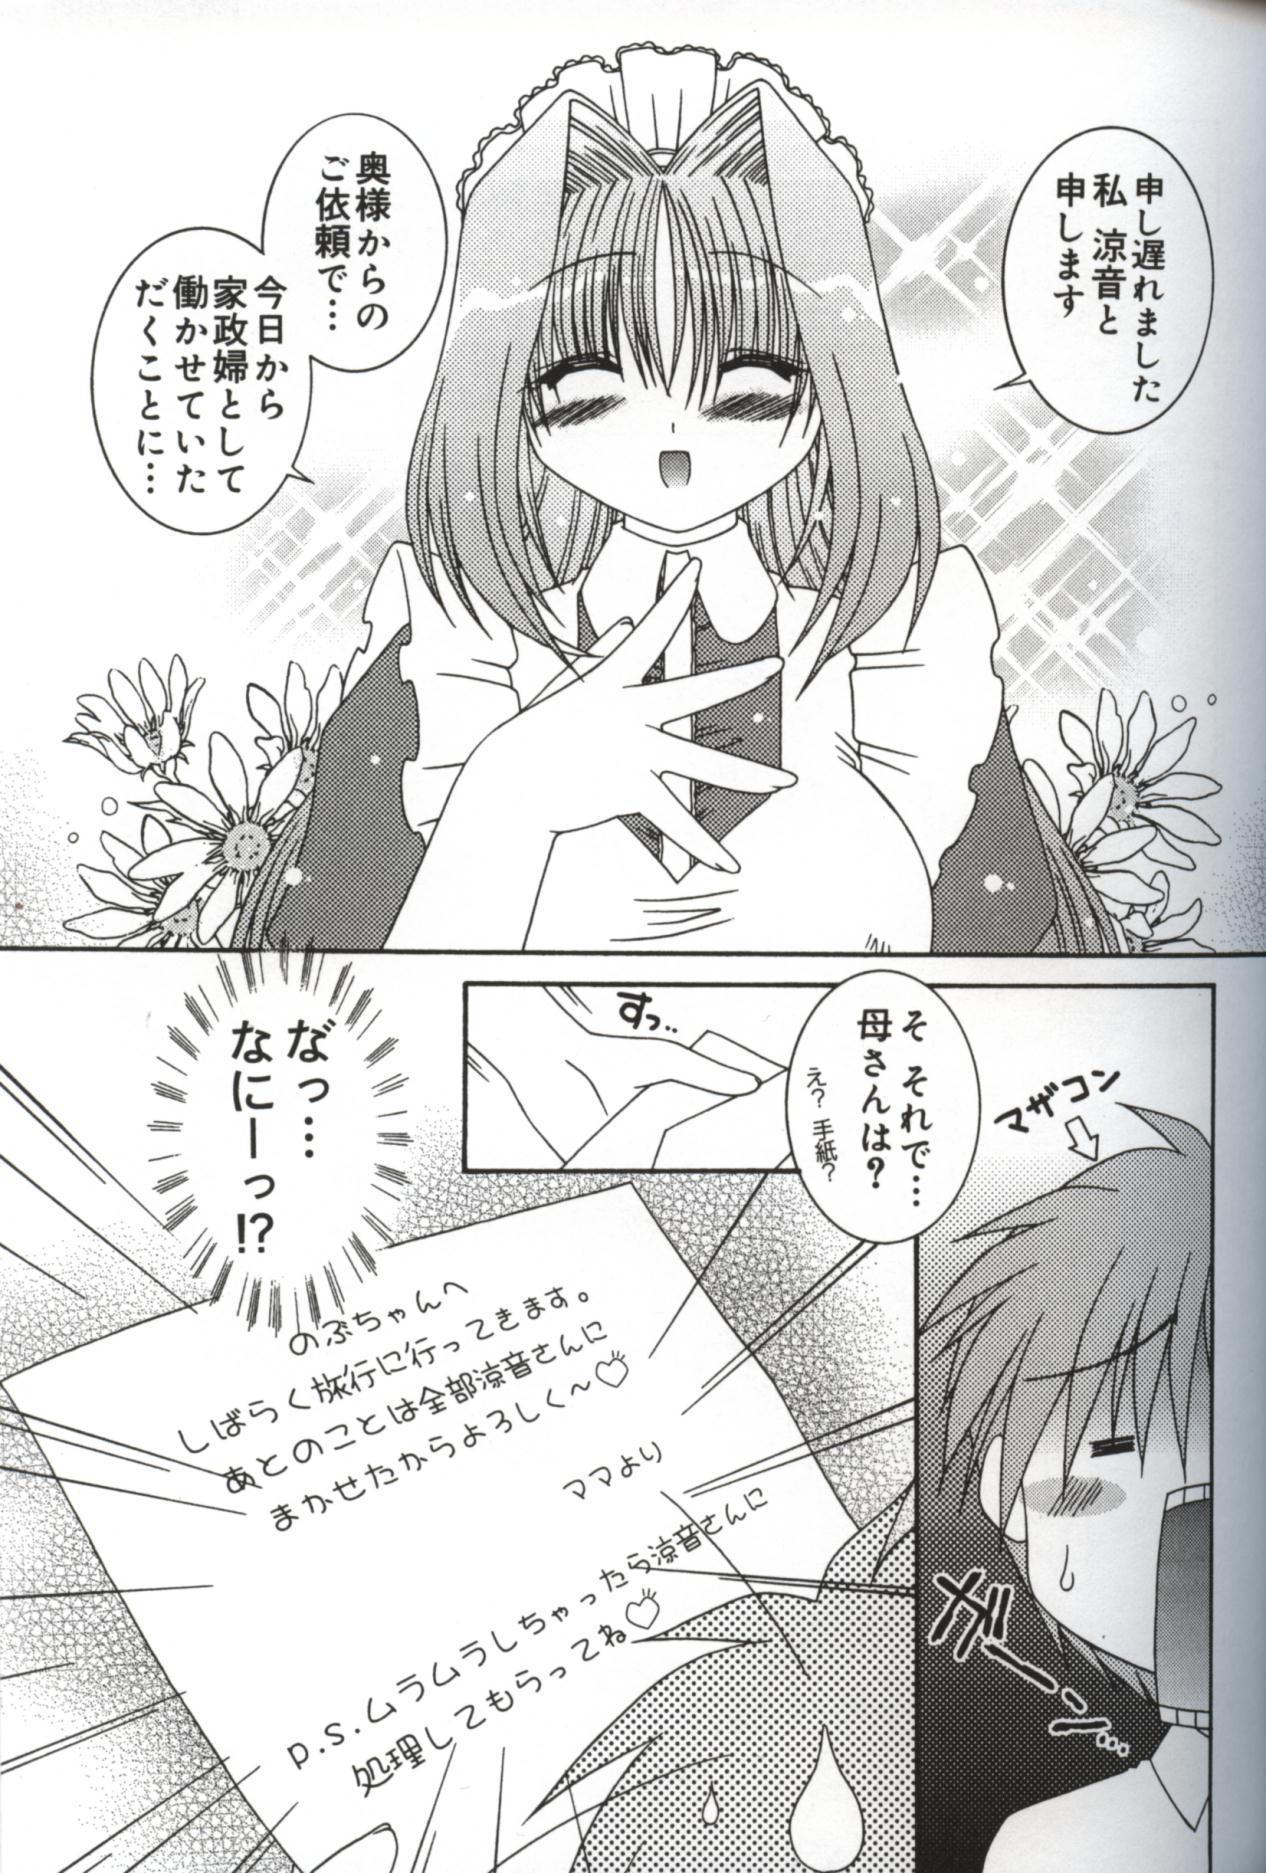 Hatsujou ♡ Oneesama 103